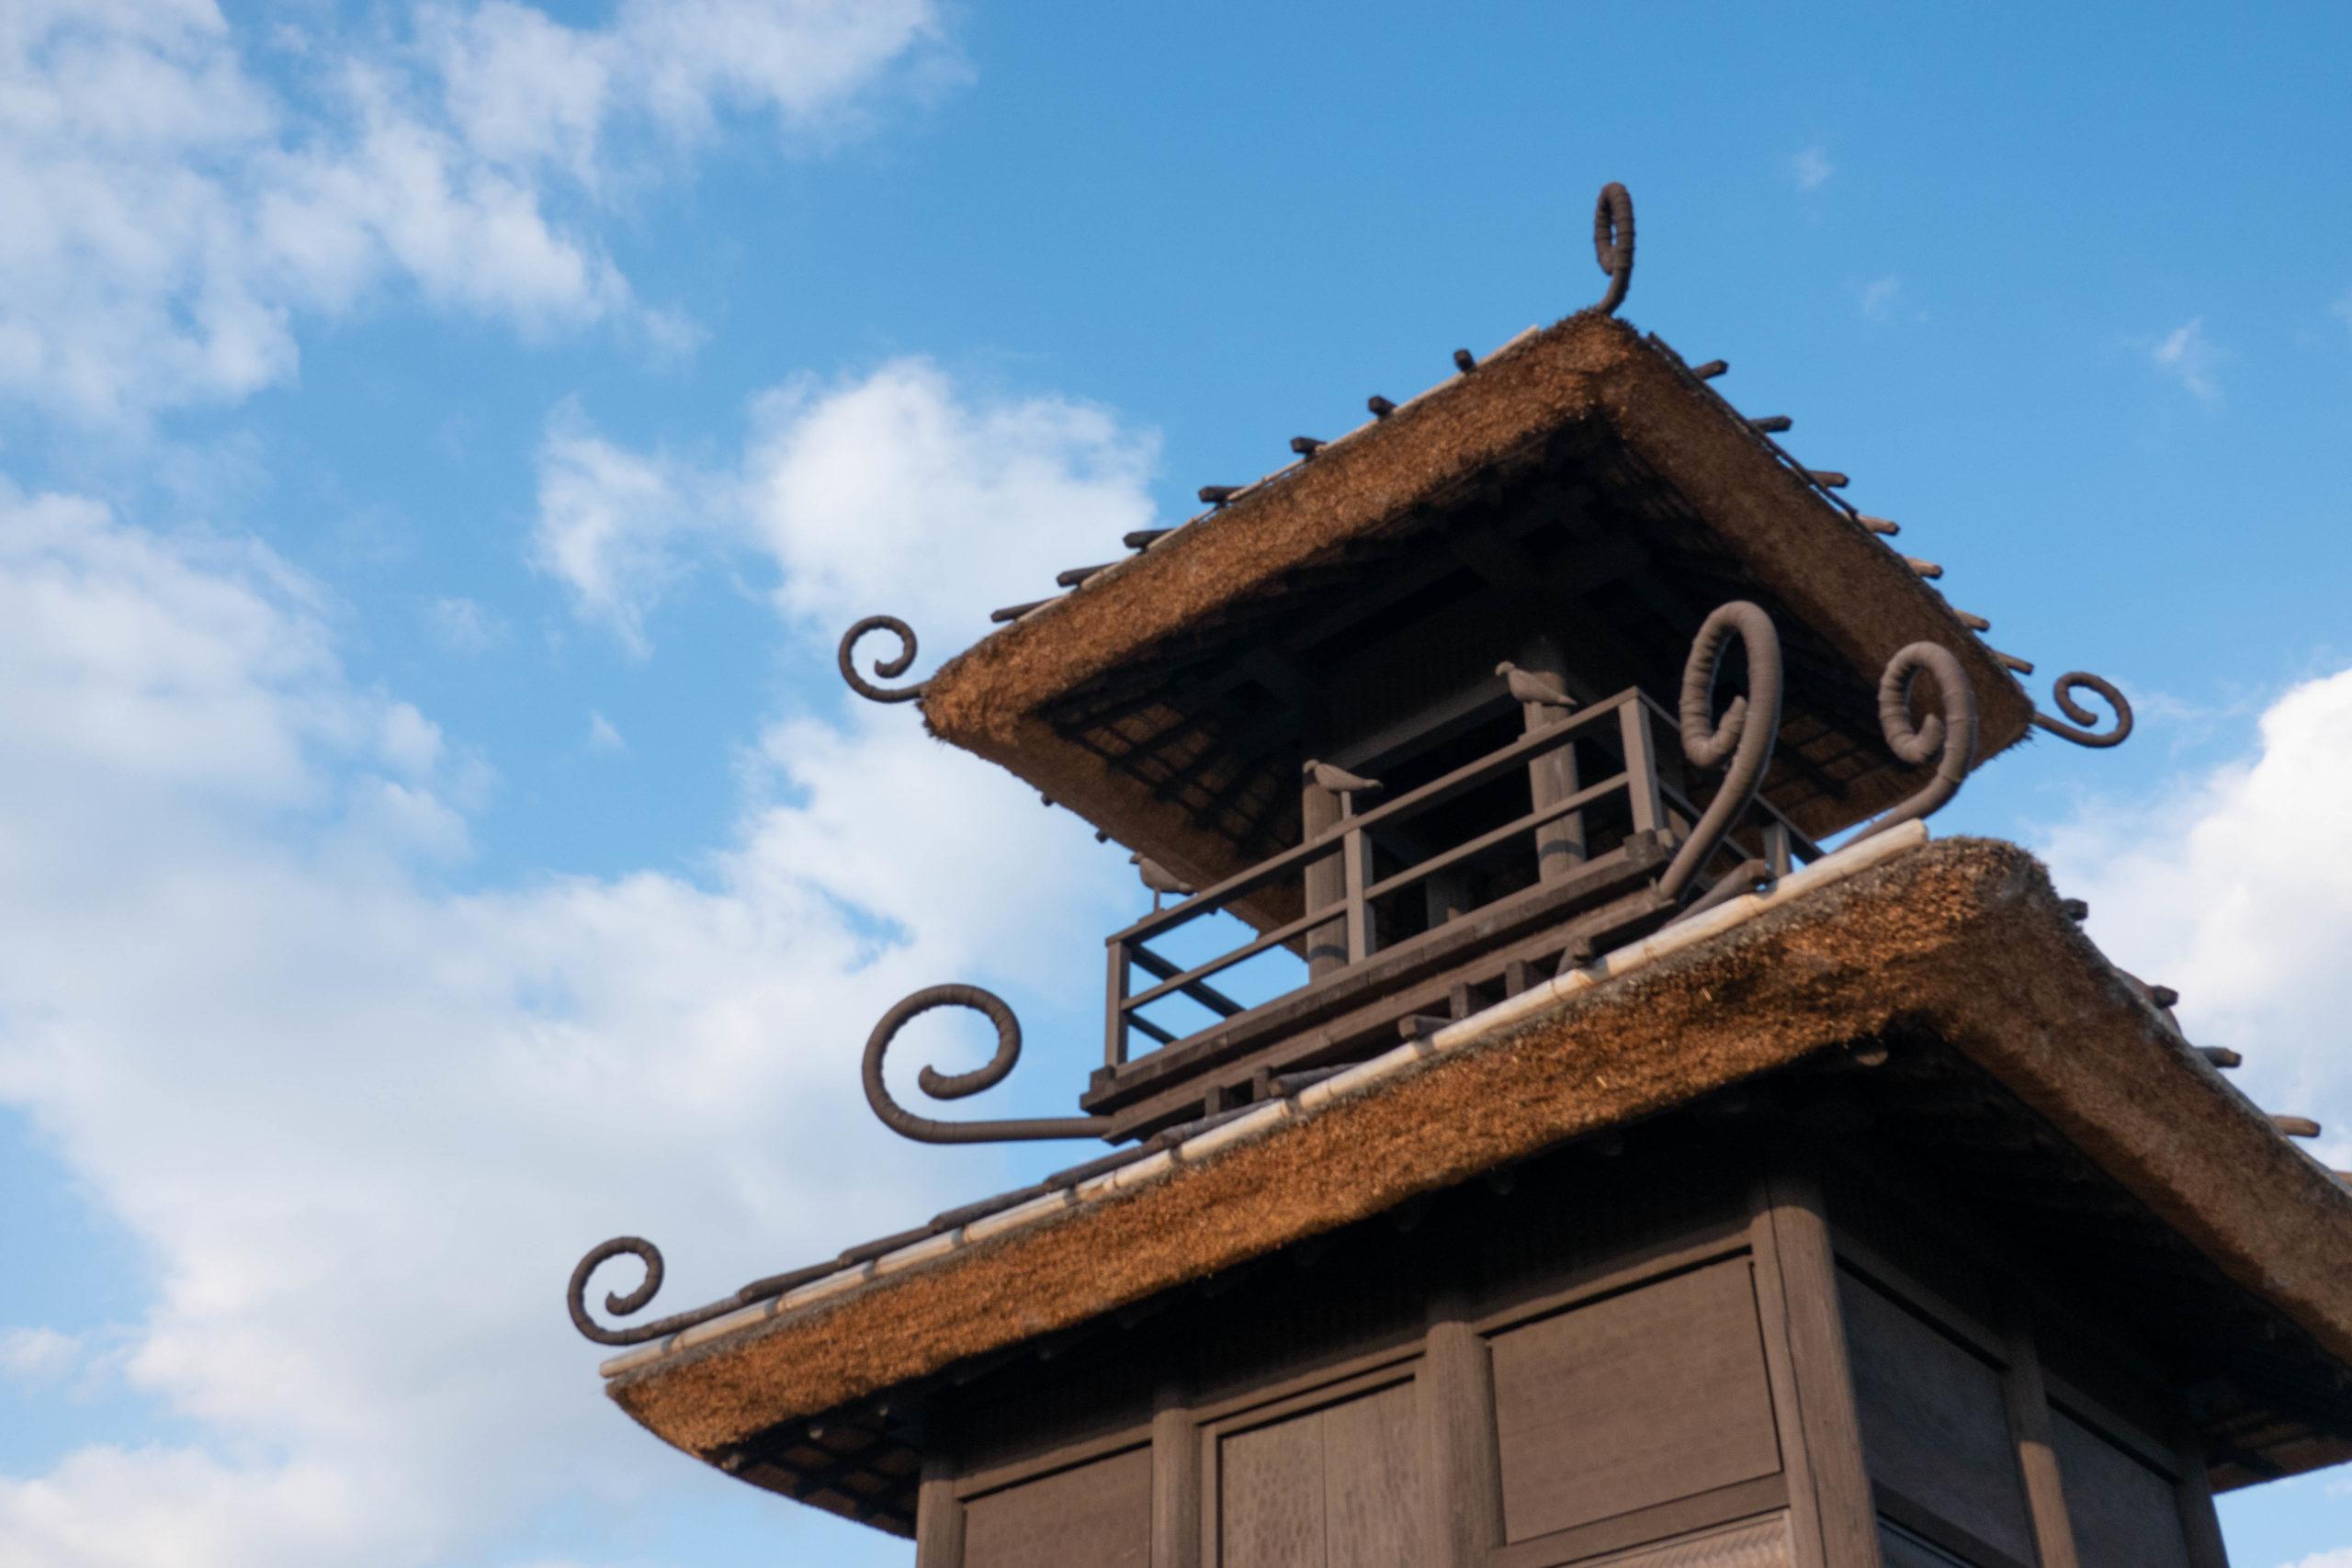 弥生時代に思いを馳せる。奈良県中部の唐古・鍵遺跡を歩いてきた